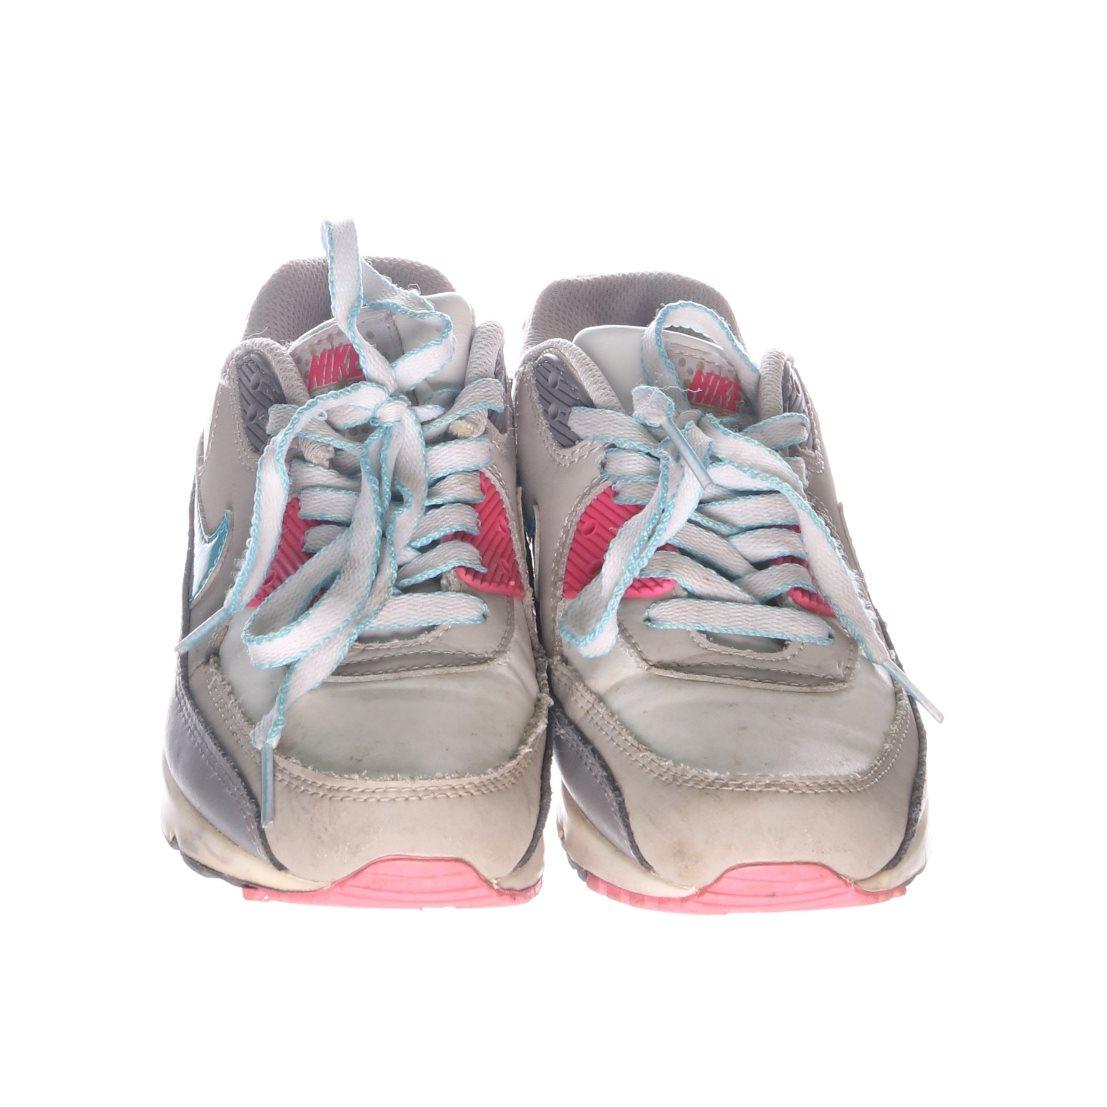 nike skor grå rosa